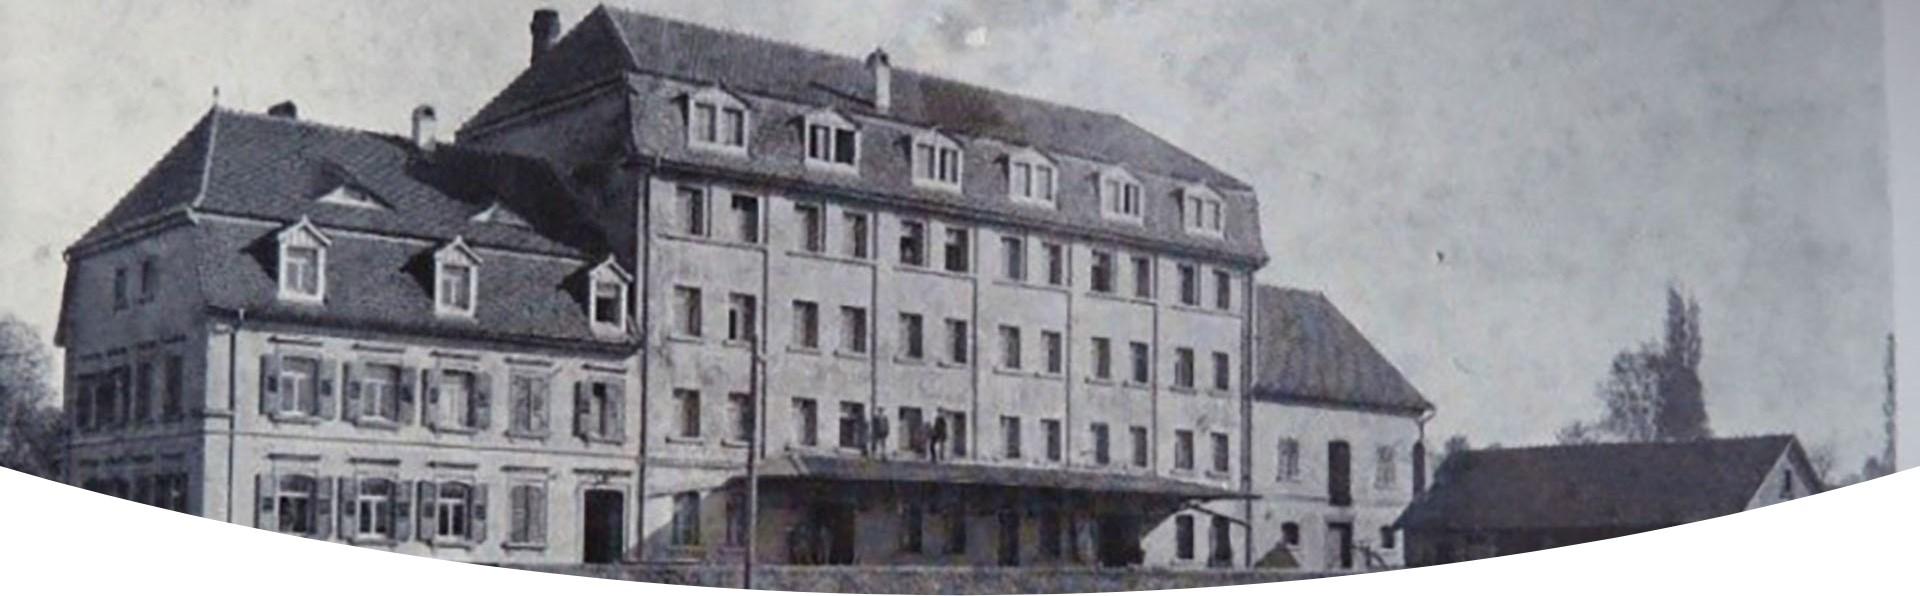 Gondelsheimer Heck-Mühle um 1910